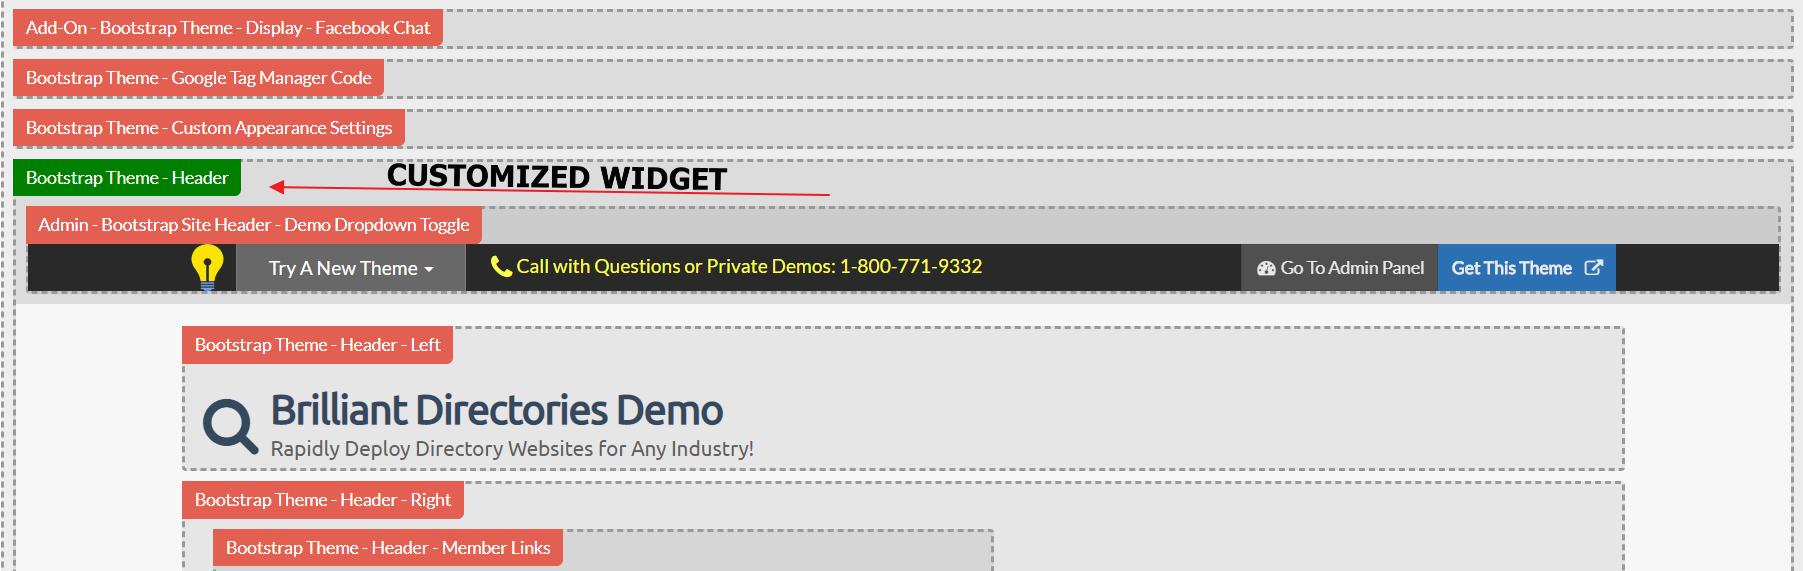 Brilliant Directories - Locating the Widgets Via Admin Bar